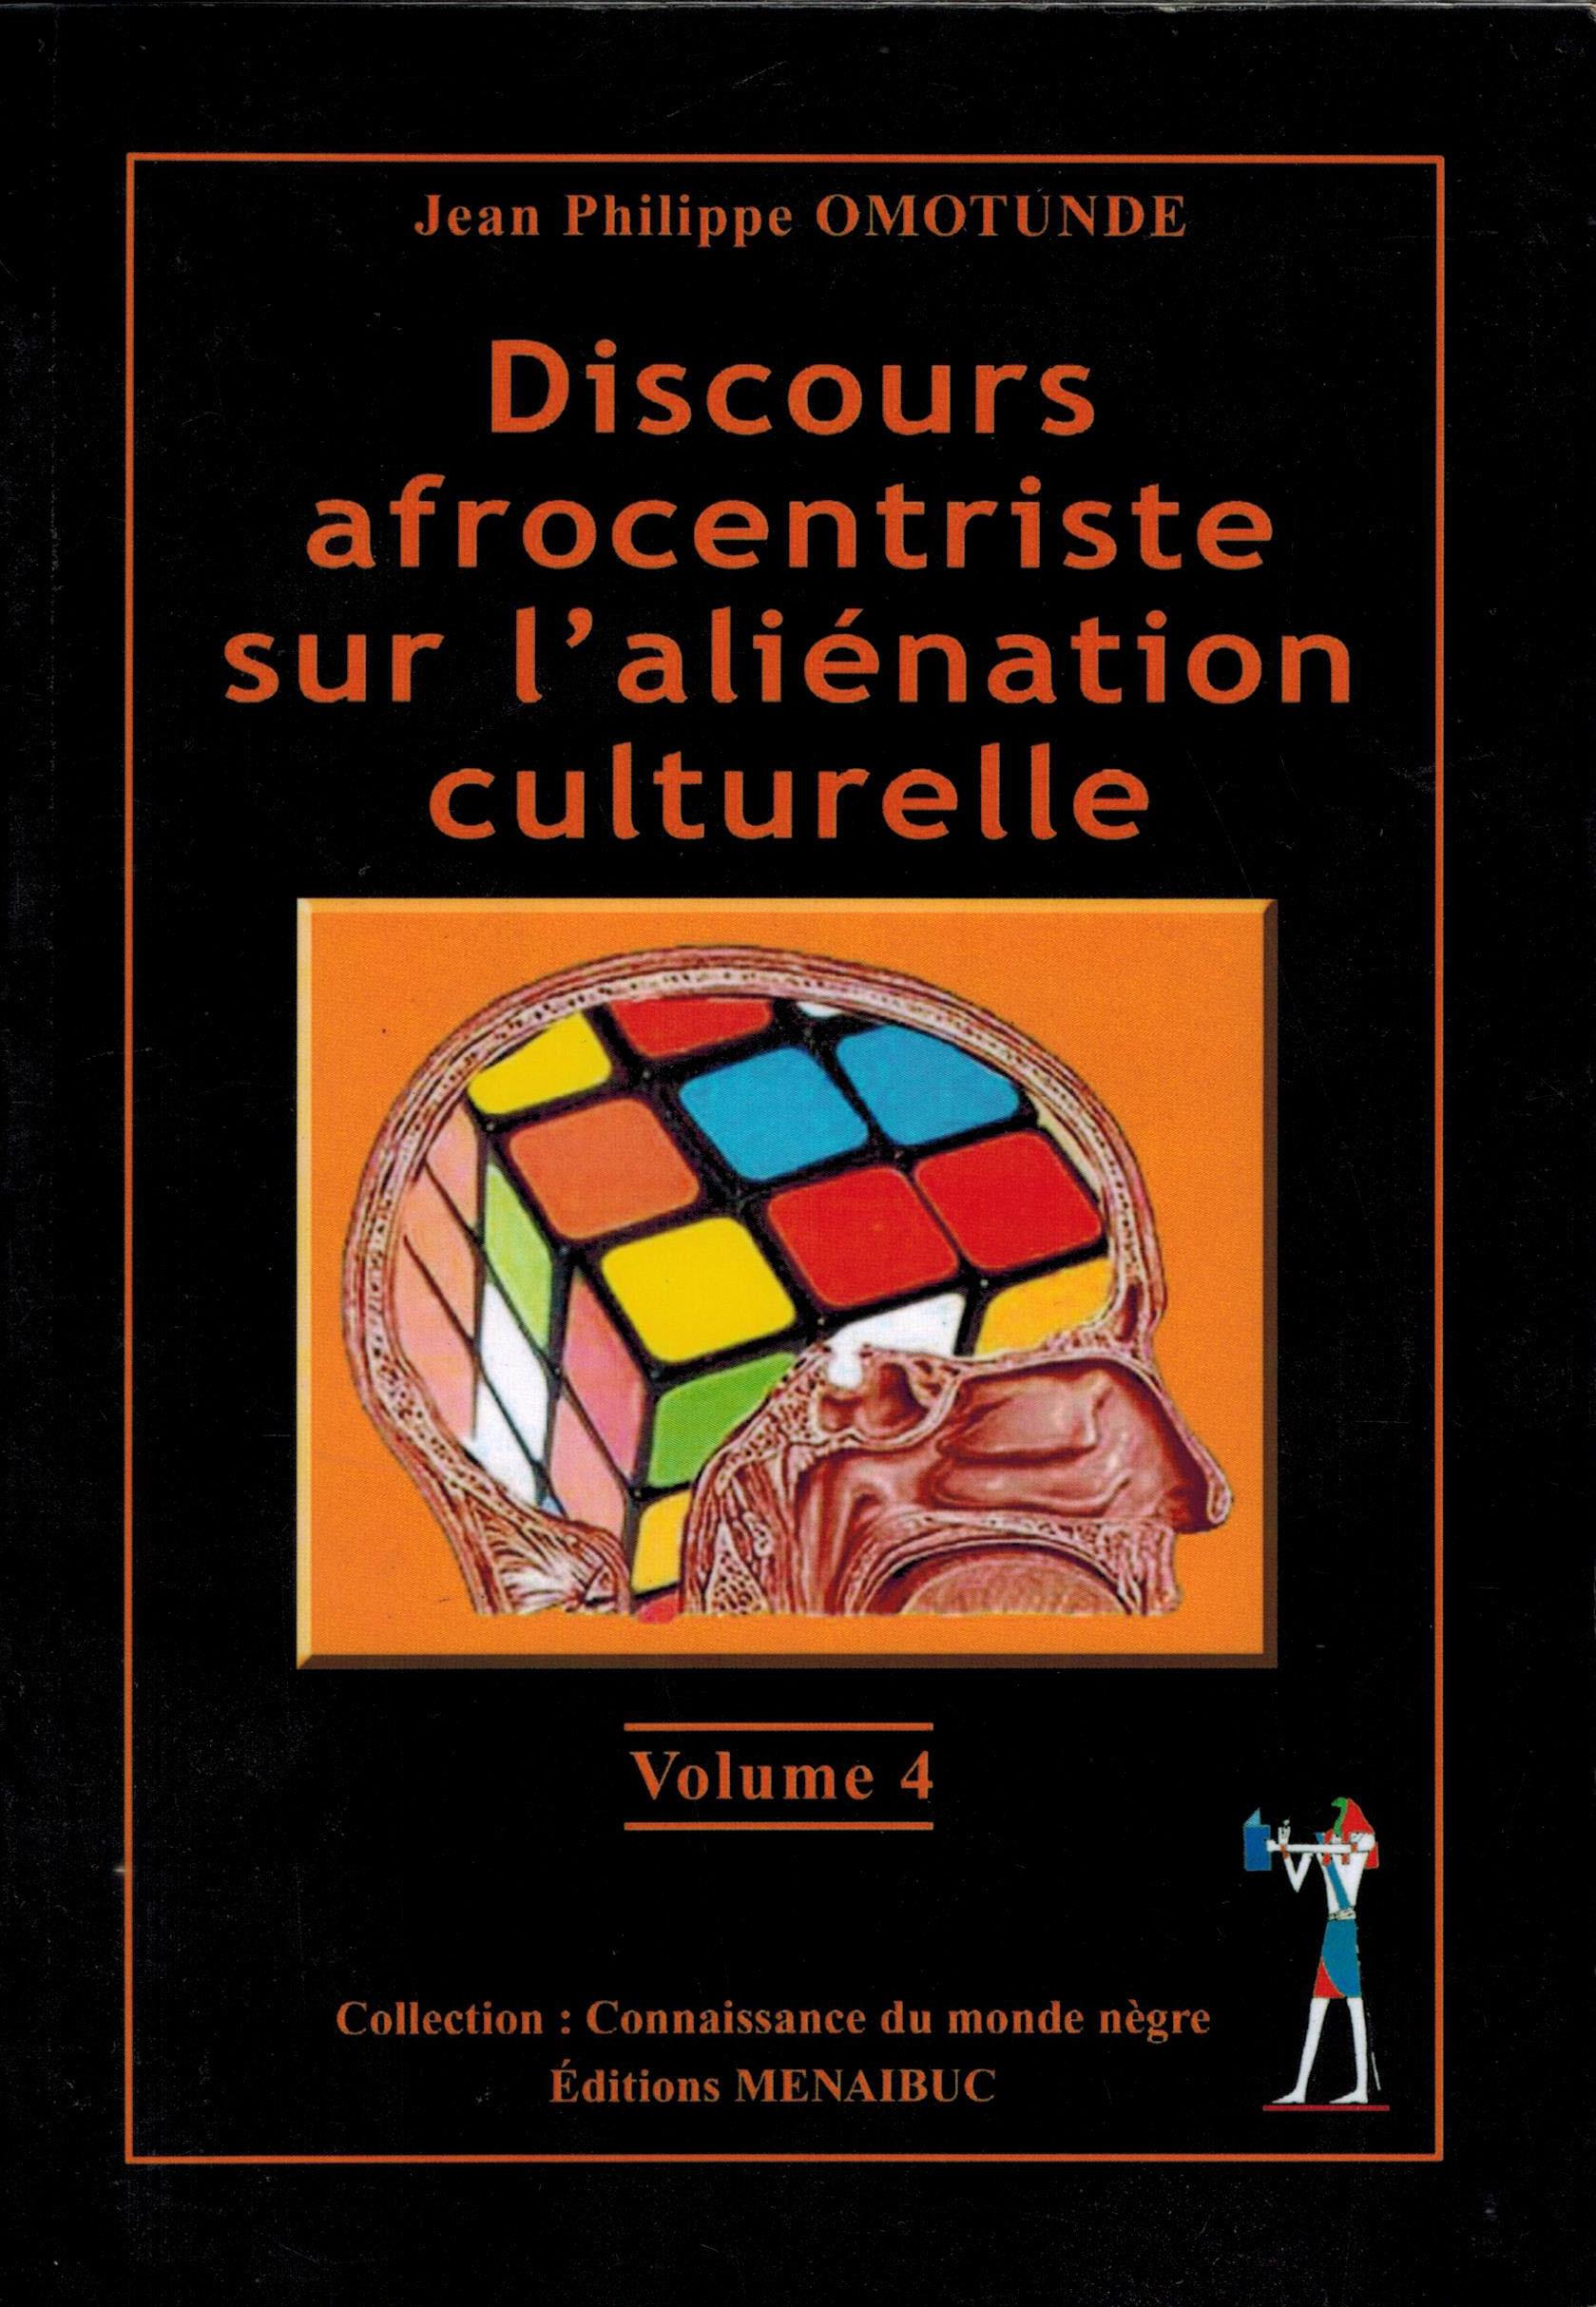 DISCOURS AFROCENTRISTE SUR L'ALIENATION CULTURELLE